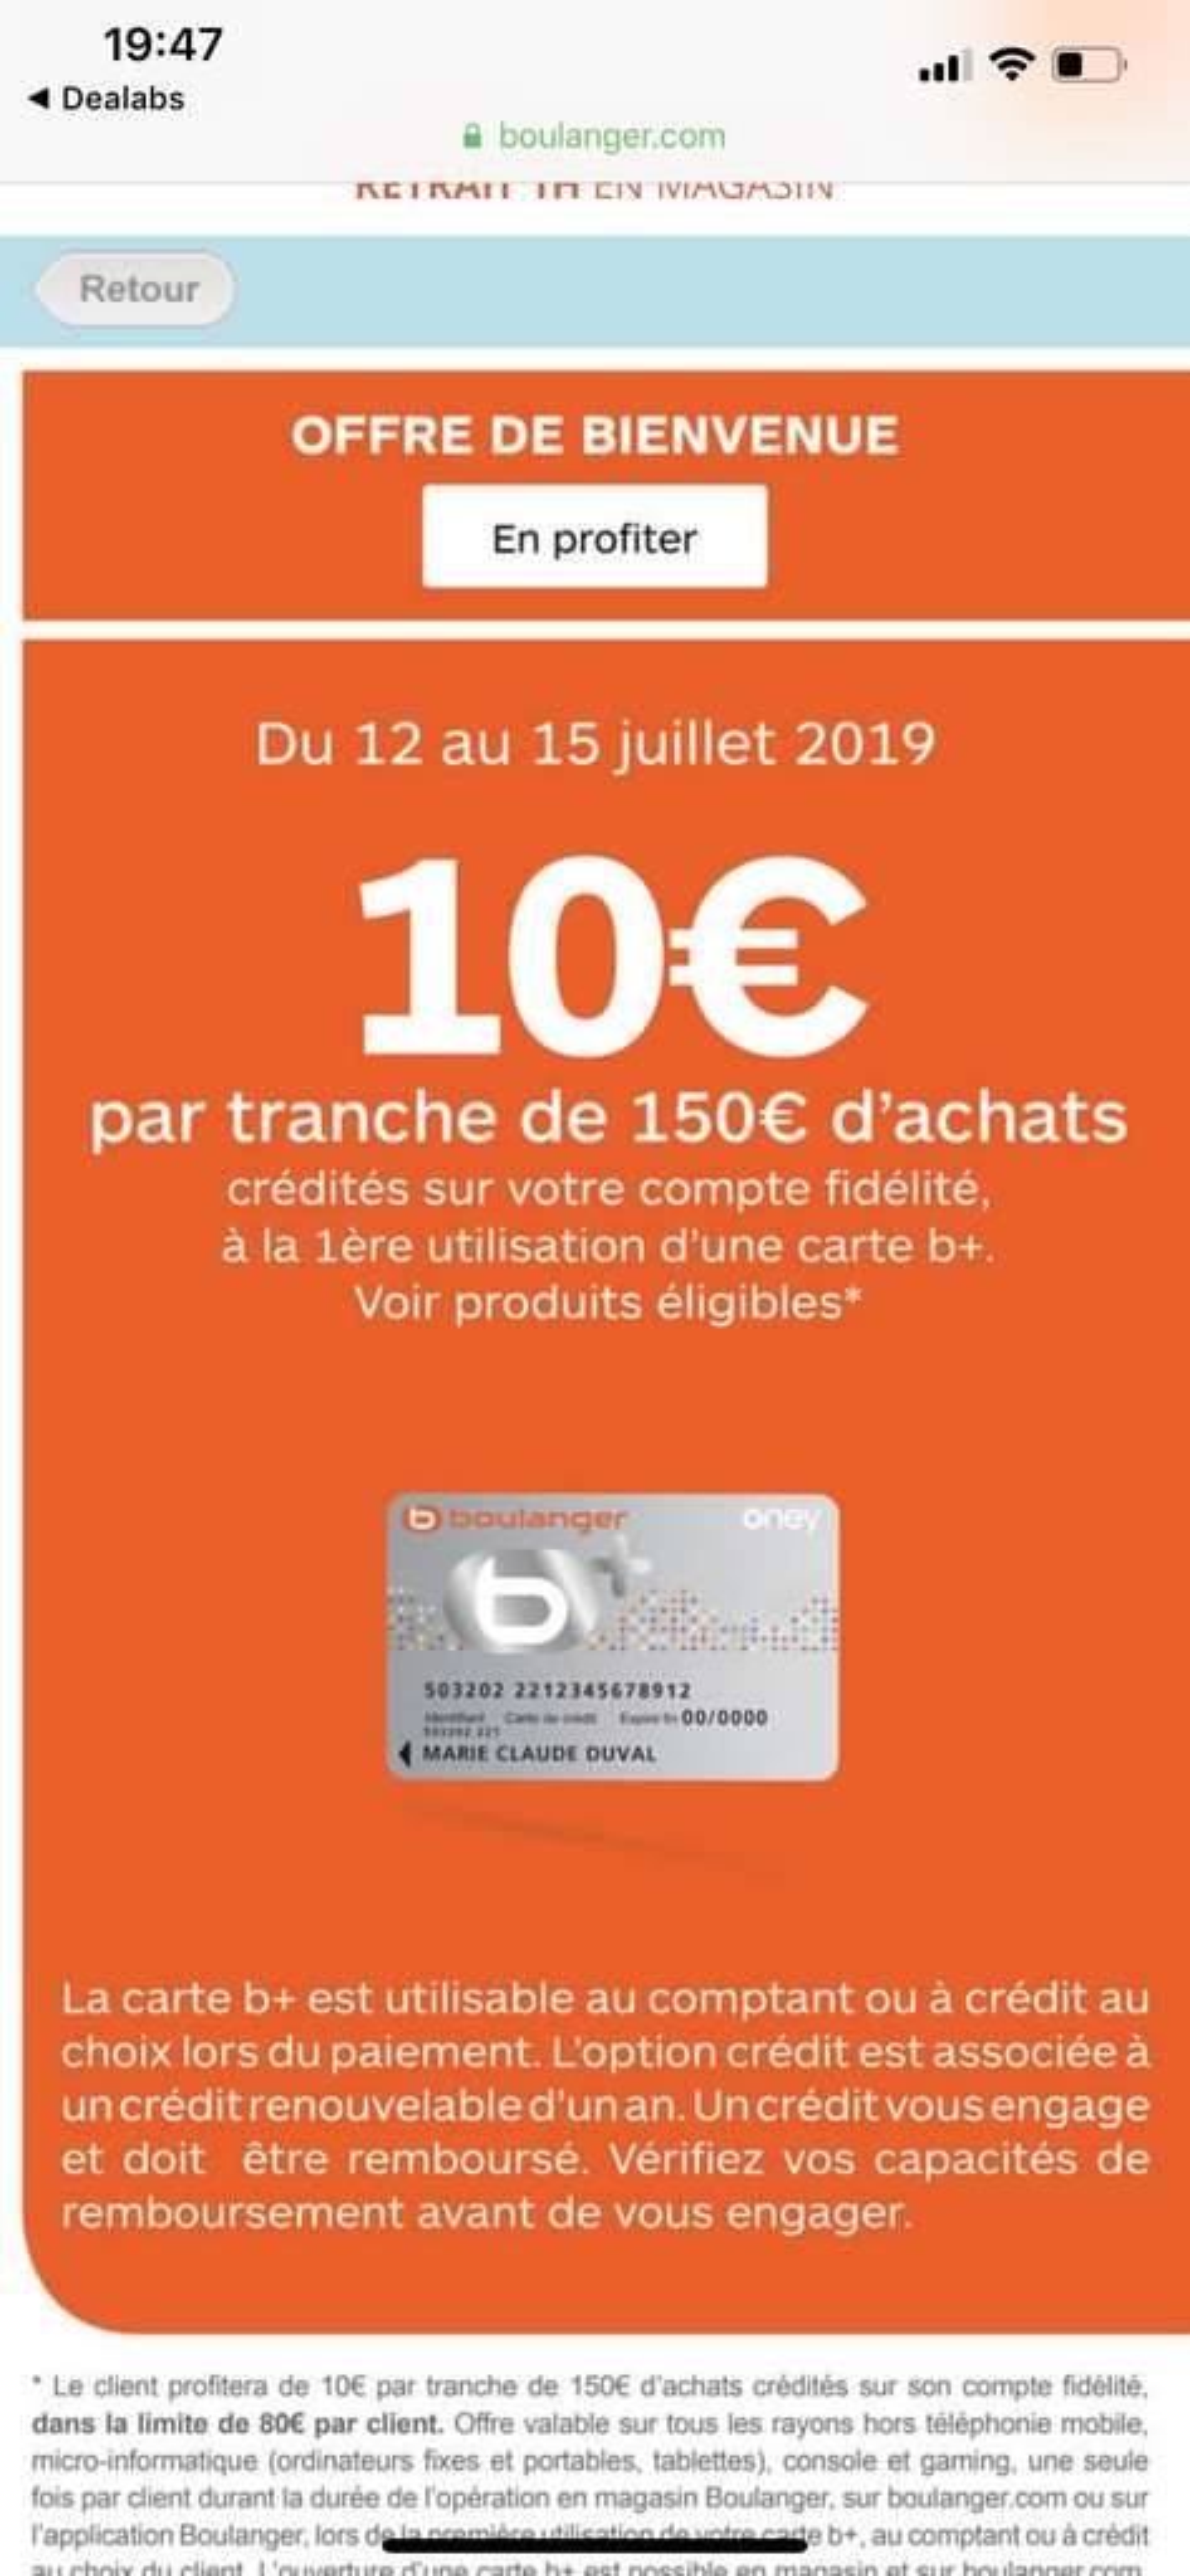 Carte Boulanger Reduction.Carte B 10 De Reduction Par Tranche D Achat De 150 Sur